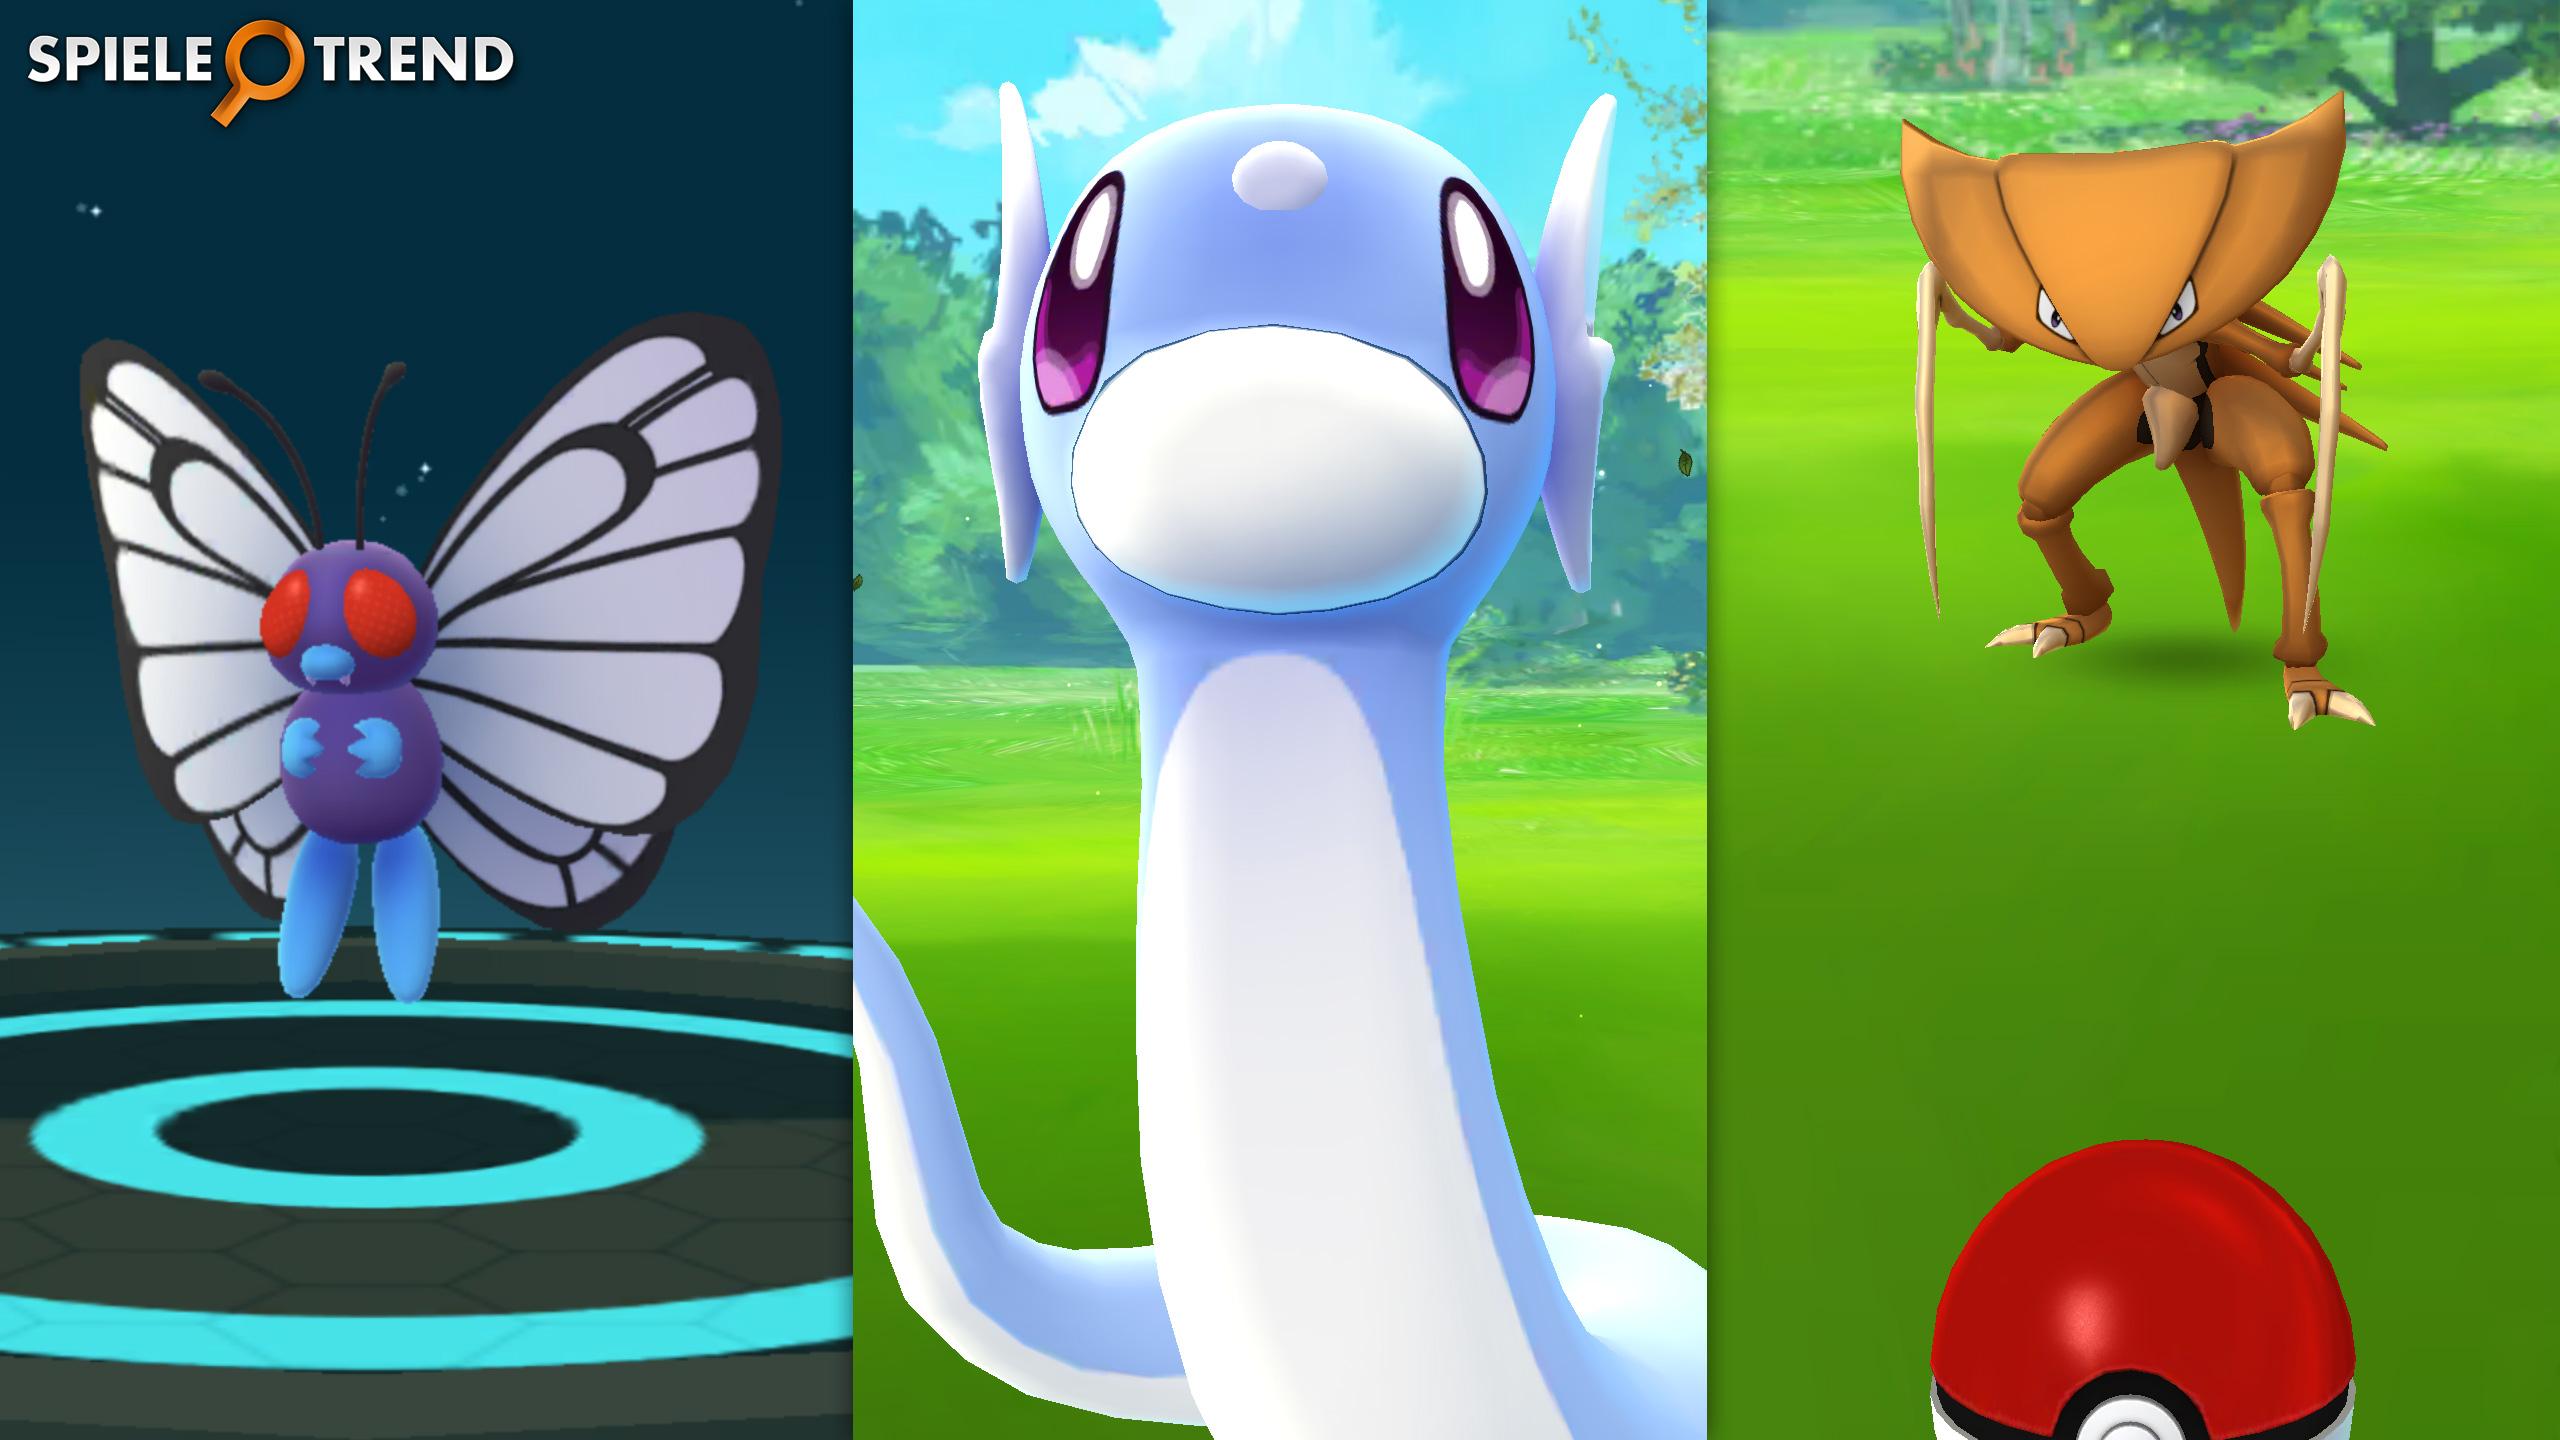 Drachenhaut Pokemon Go Welches Pokemon - Ivisha Gerom